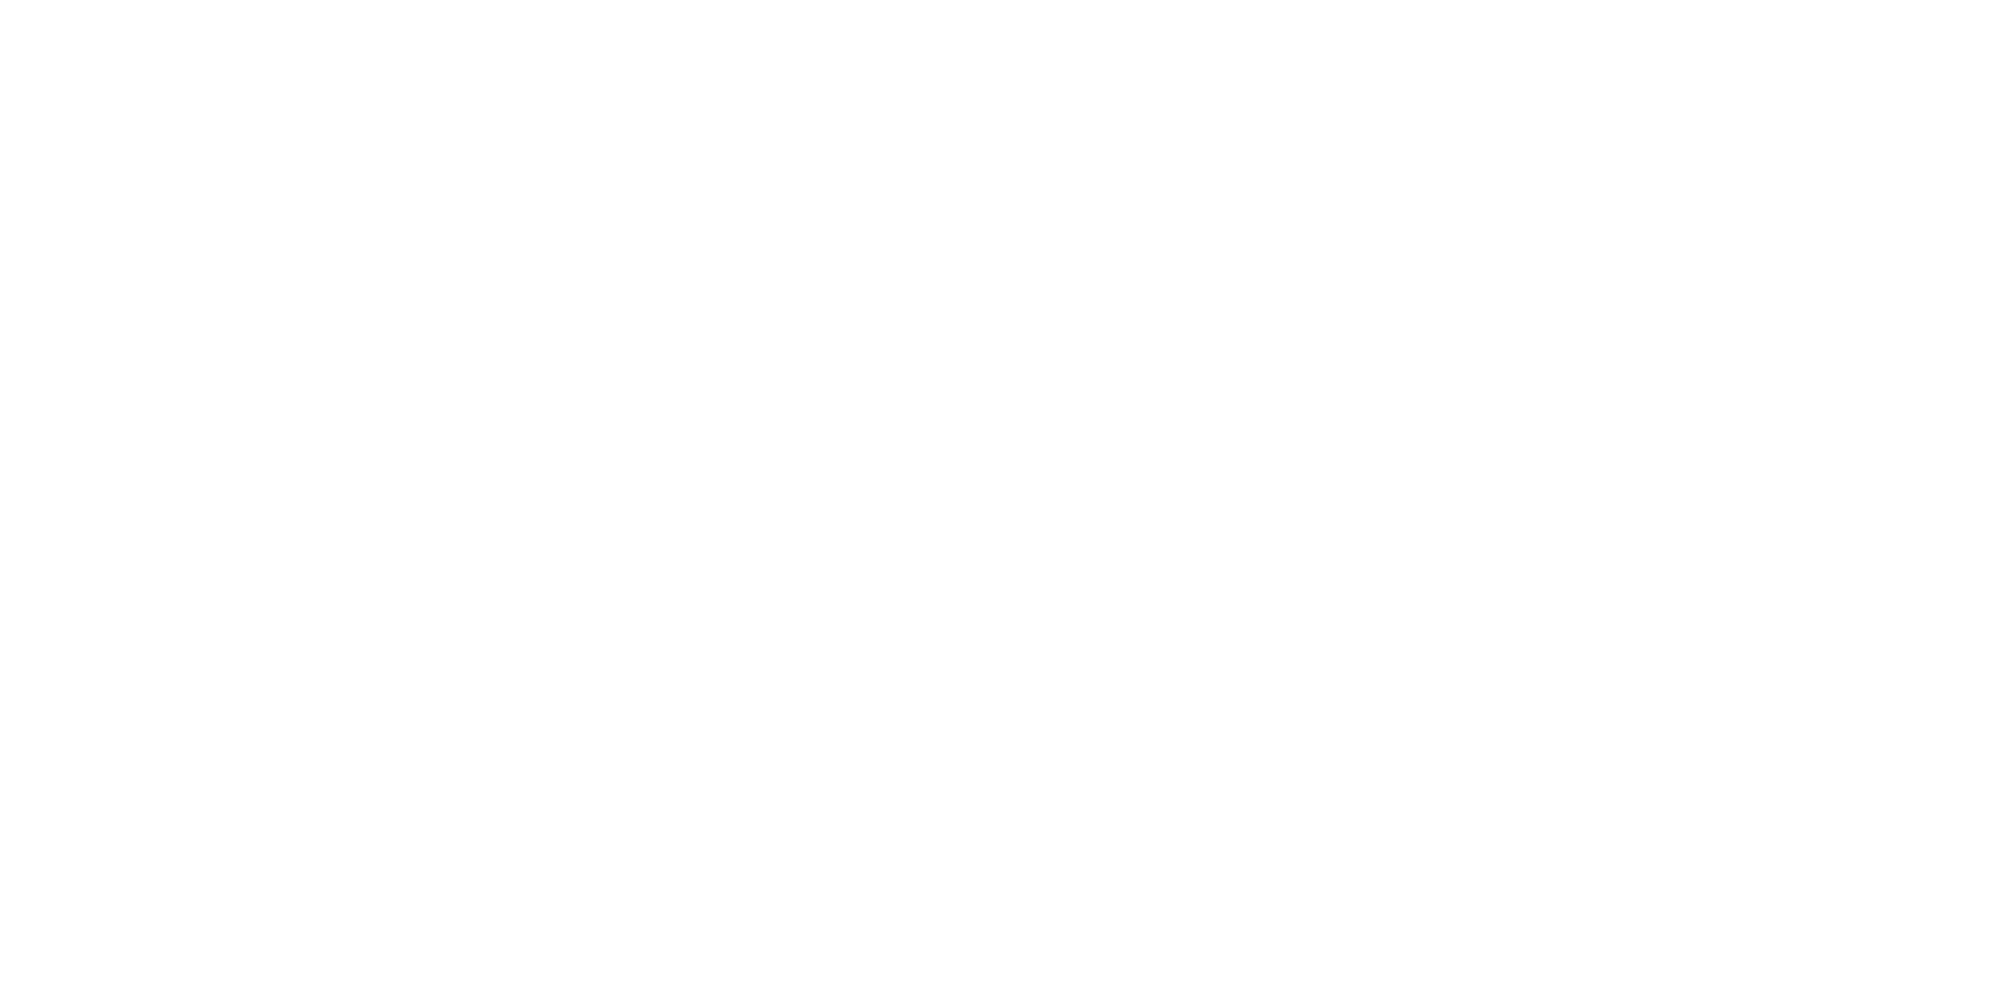 MDoit030